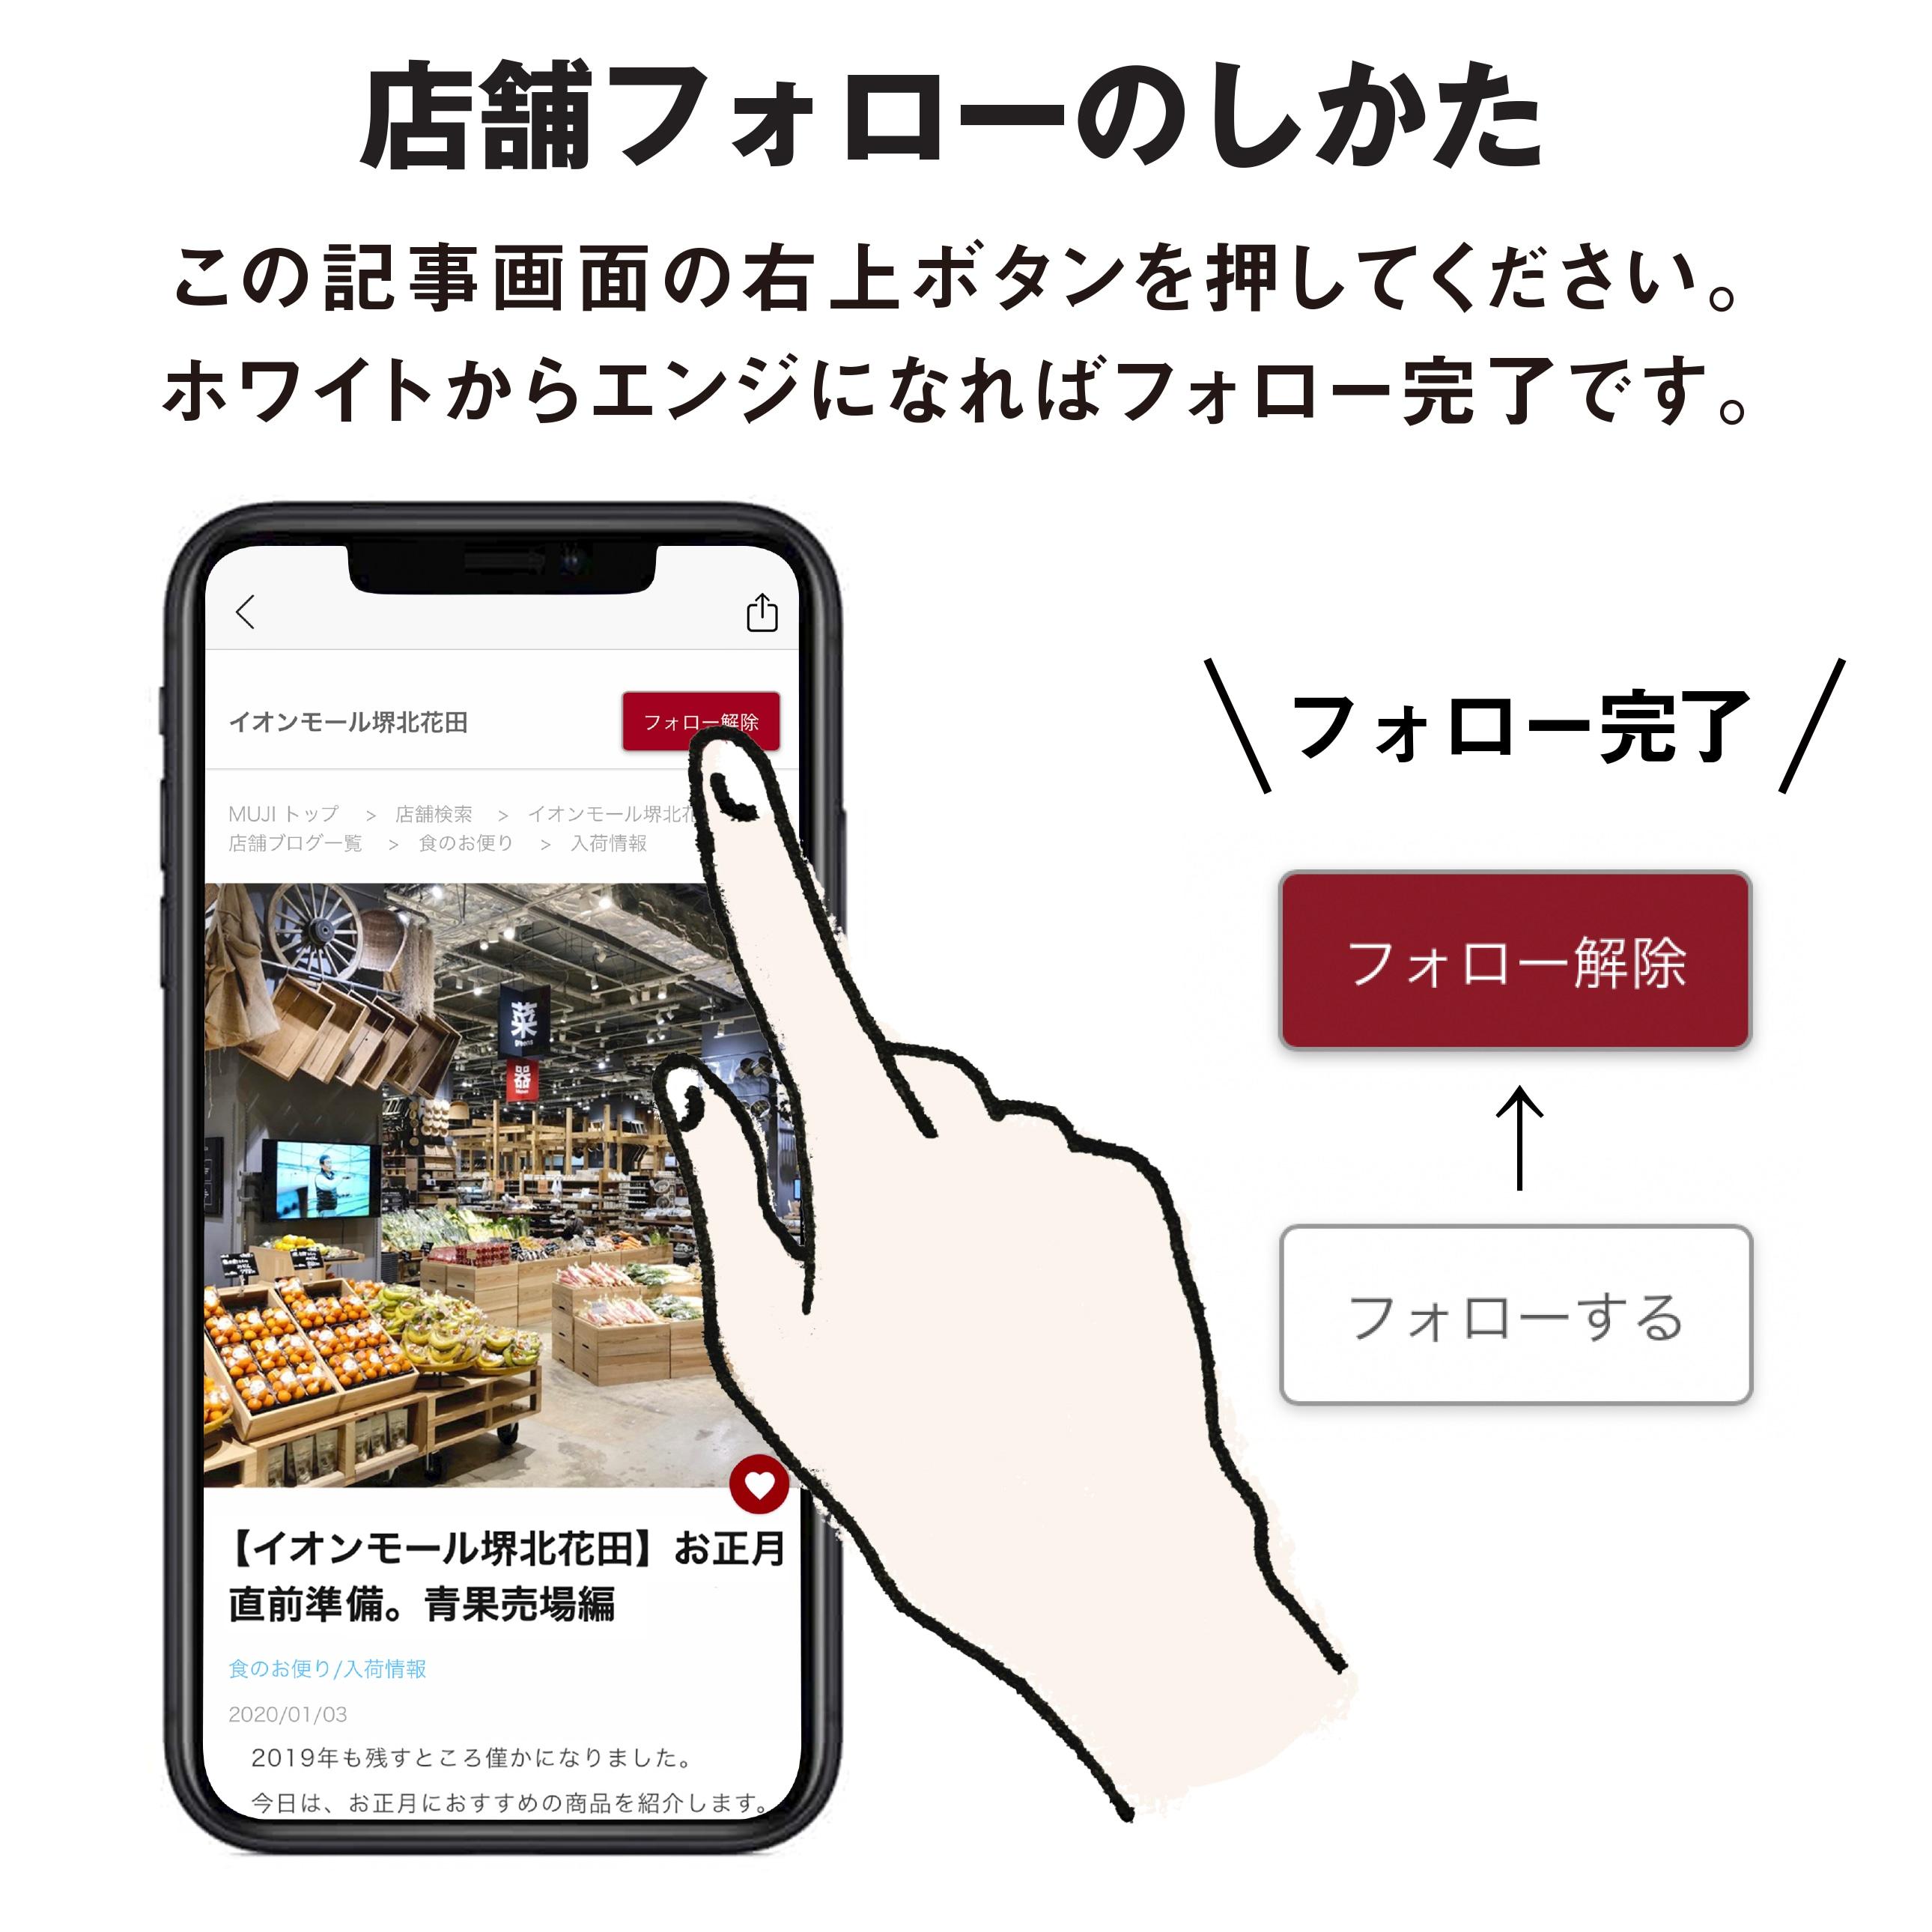 【堺北花田】精肉売場の『焼くだけ簡単』シリーズ。豚肉編